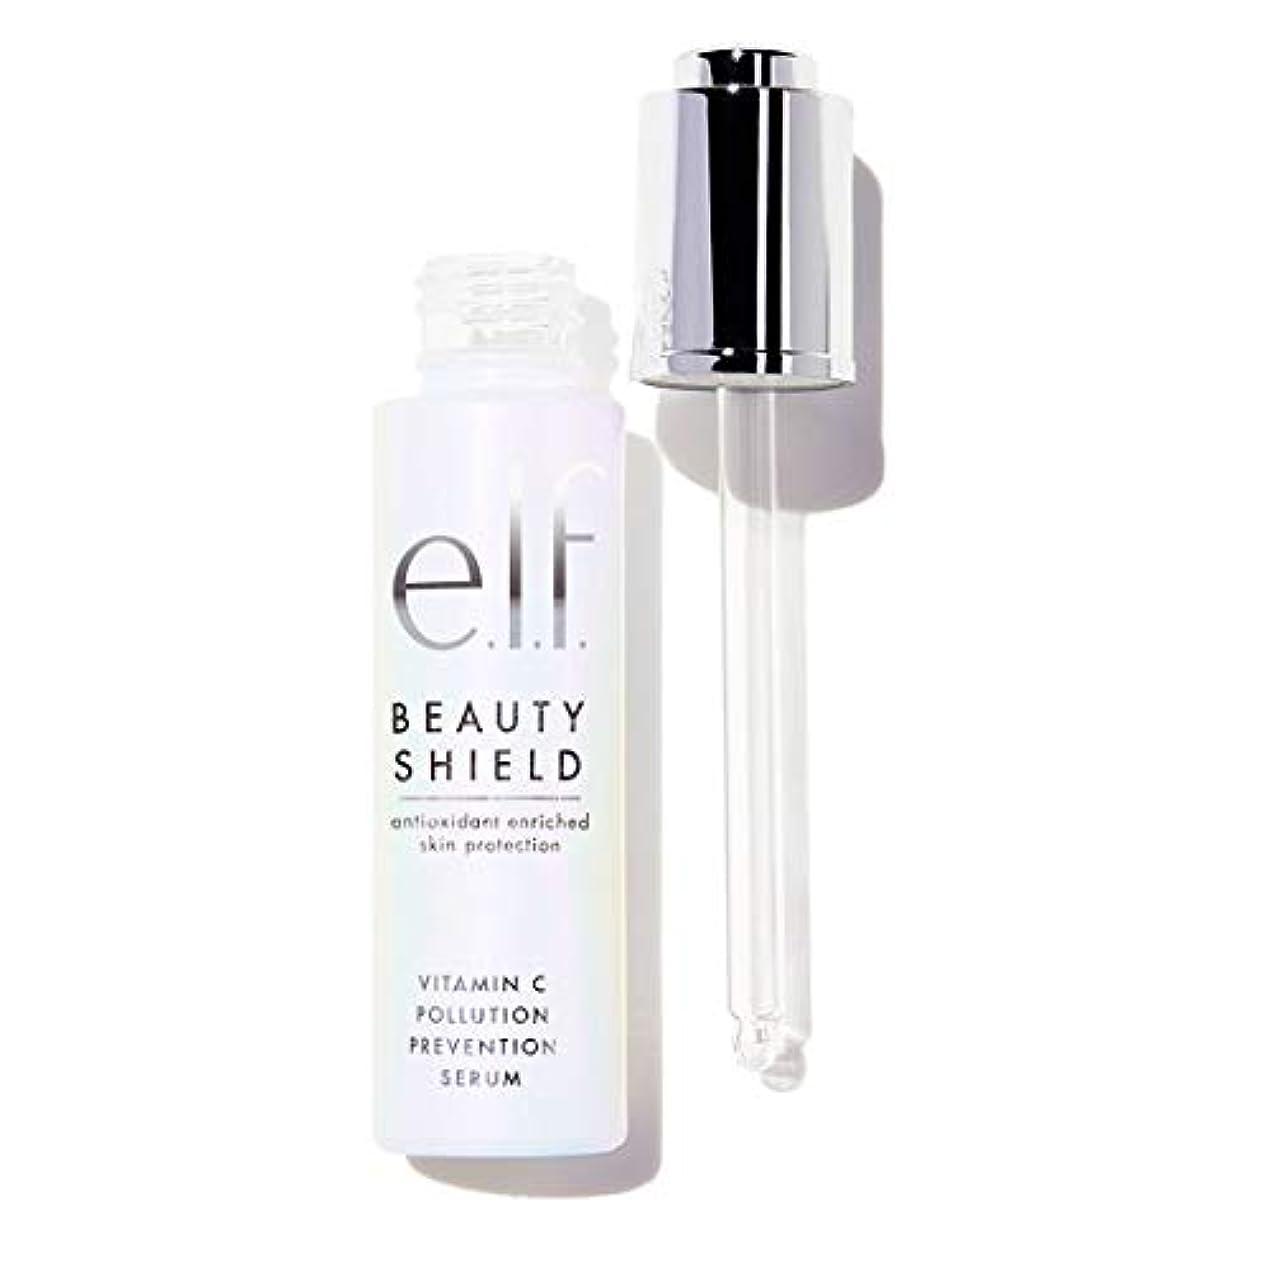 e.l.f. Beauty Shield Vitamin C Pollution Prevention Serum (並行輸入品)